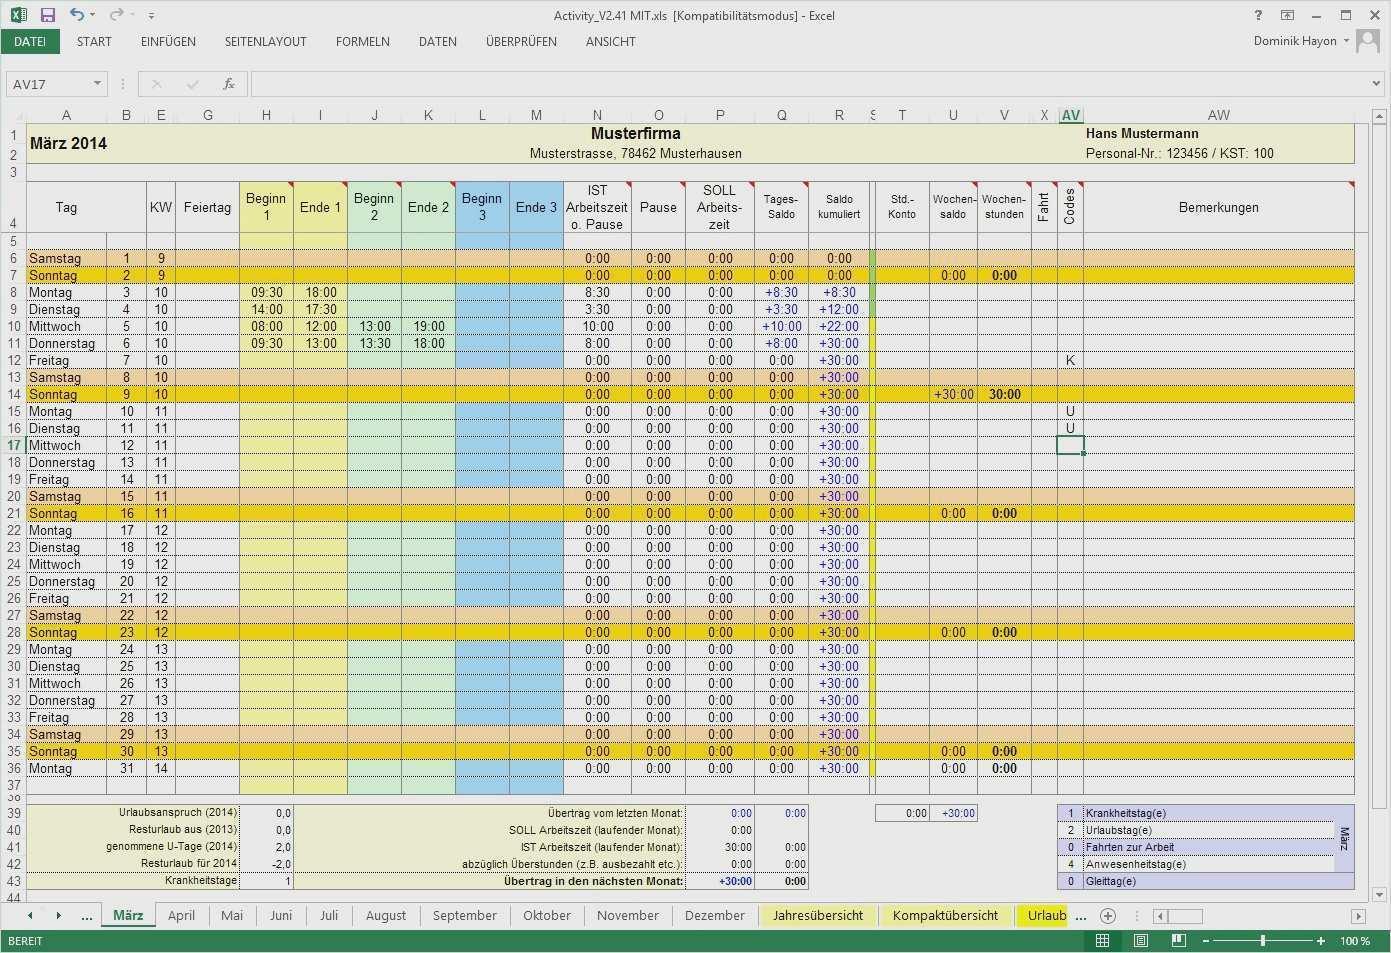 Arbeitszeitnachweis Vorlage Kostenlos 2018 Genial Zeiterfassung Excel Vorlage Kostenlos 2018 Bewundernswerte